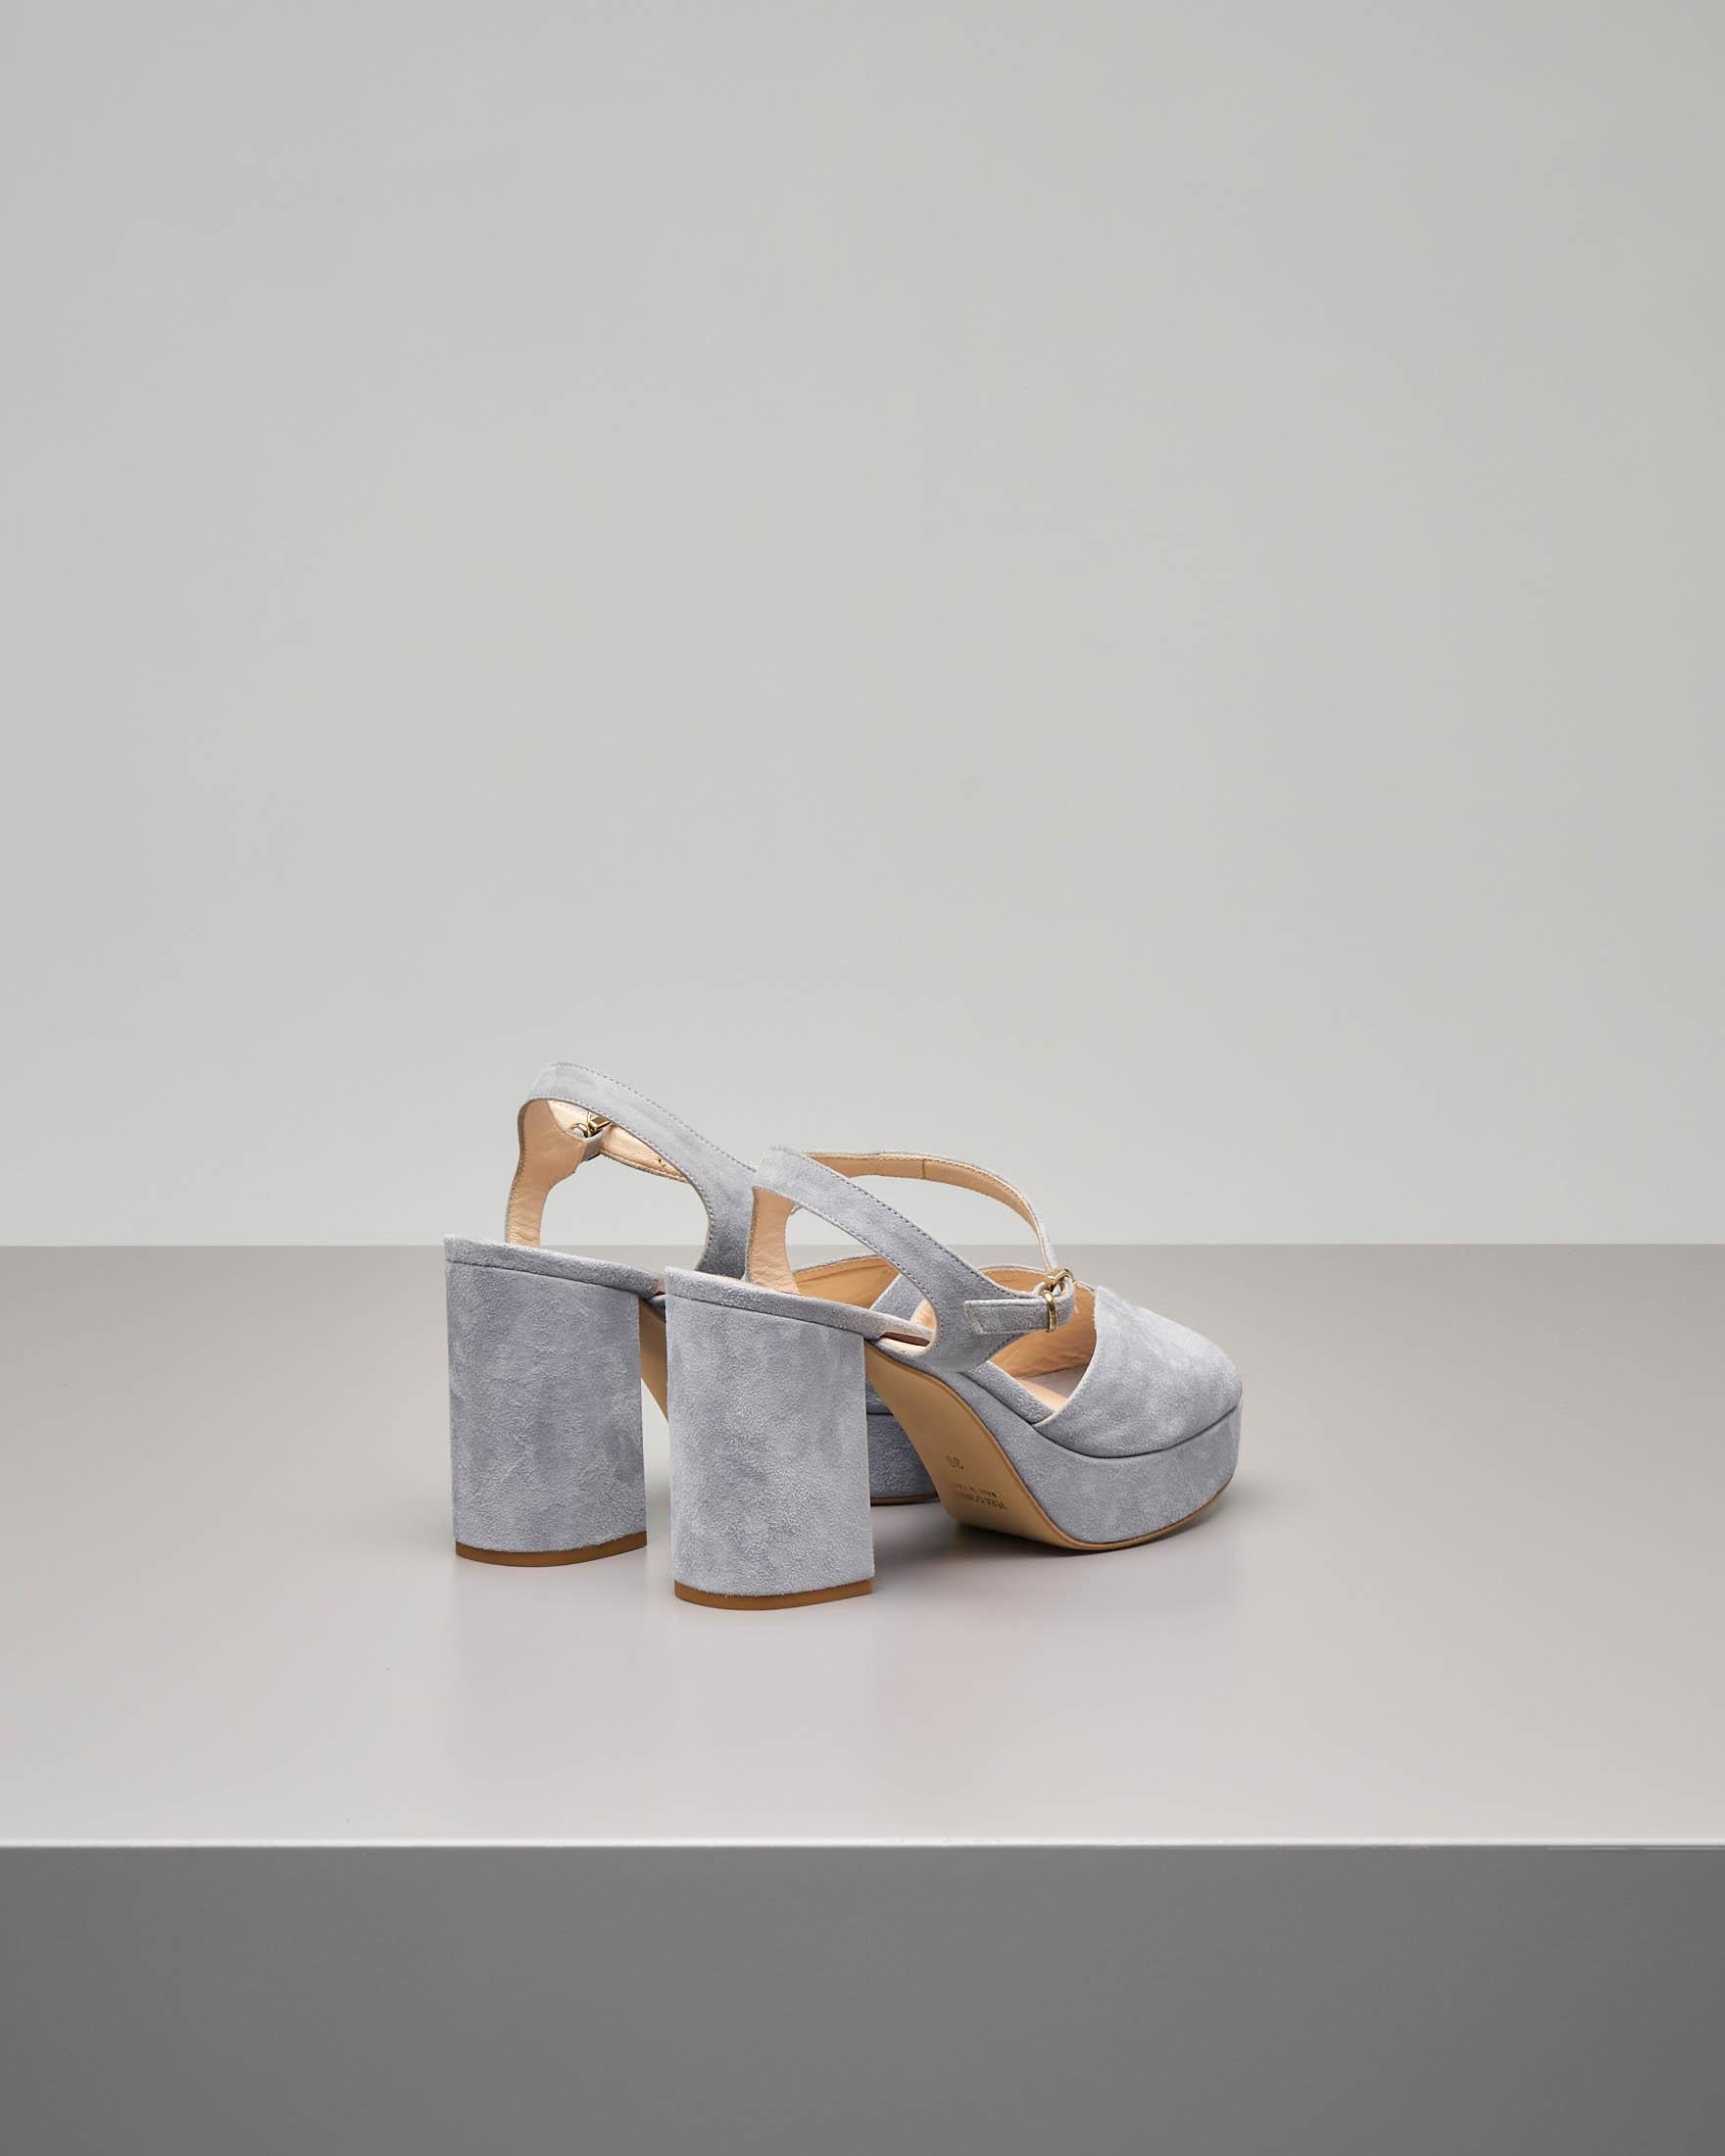 Sandalo plateau in camoscio color grigio polvere con cinturino alla caviglia e fascetta a forma di cuore.